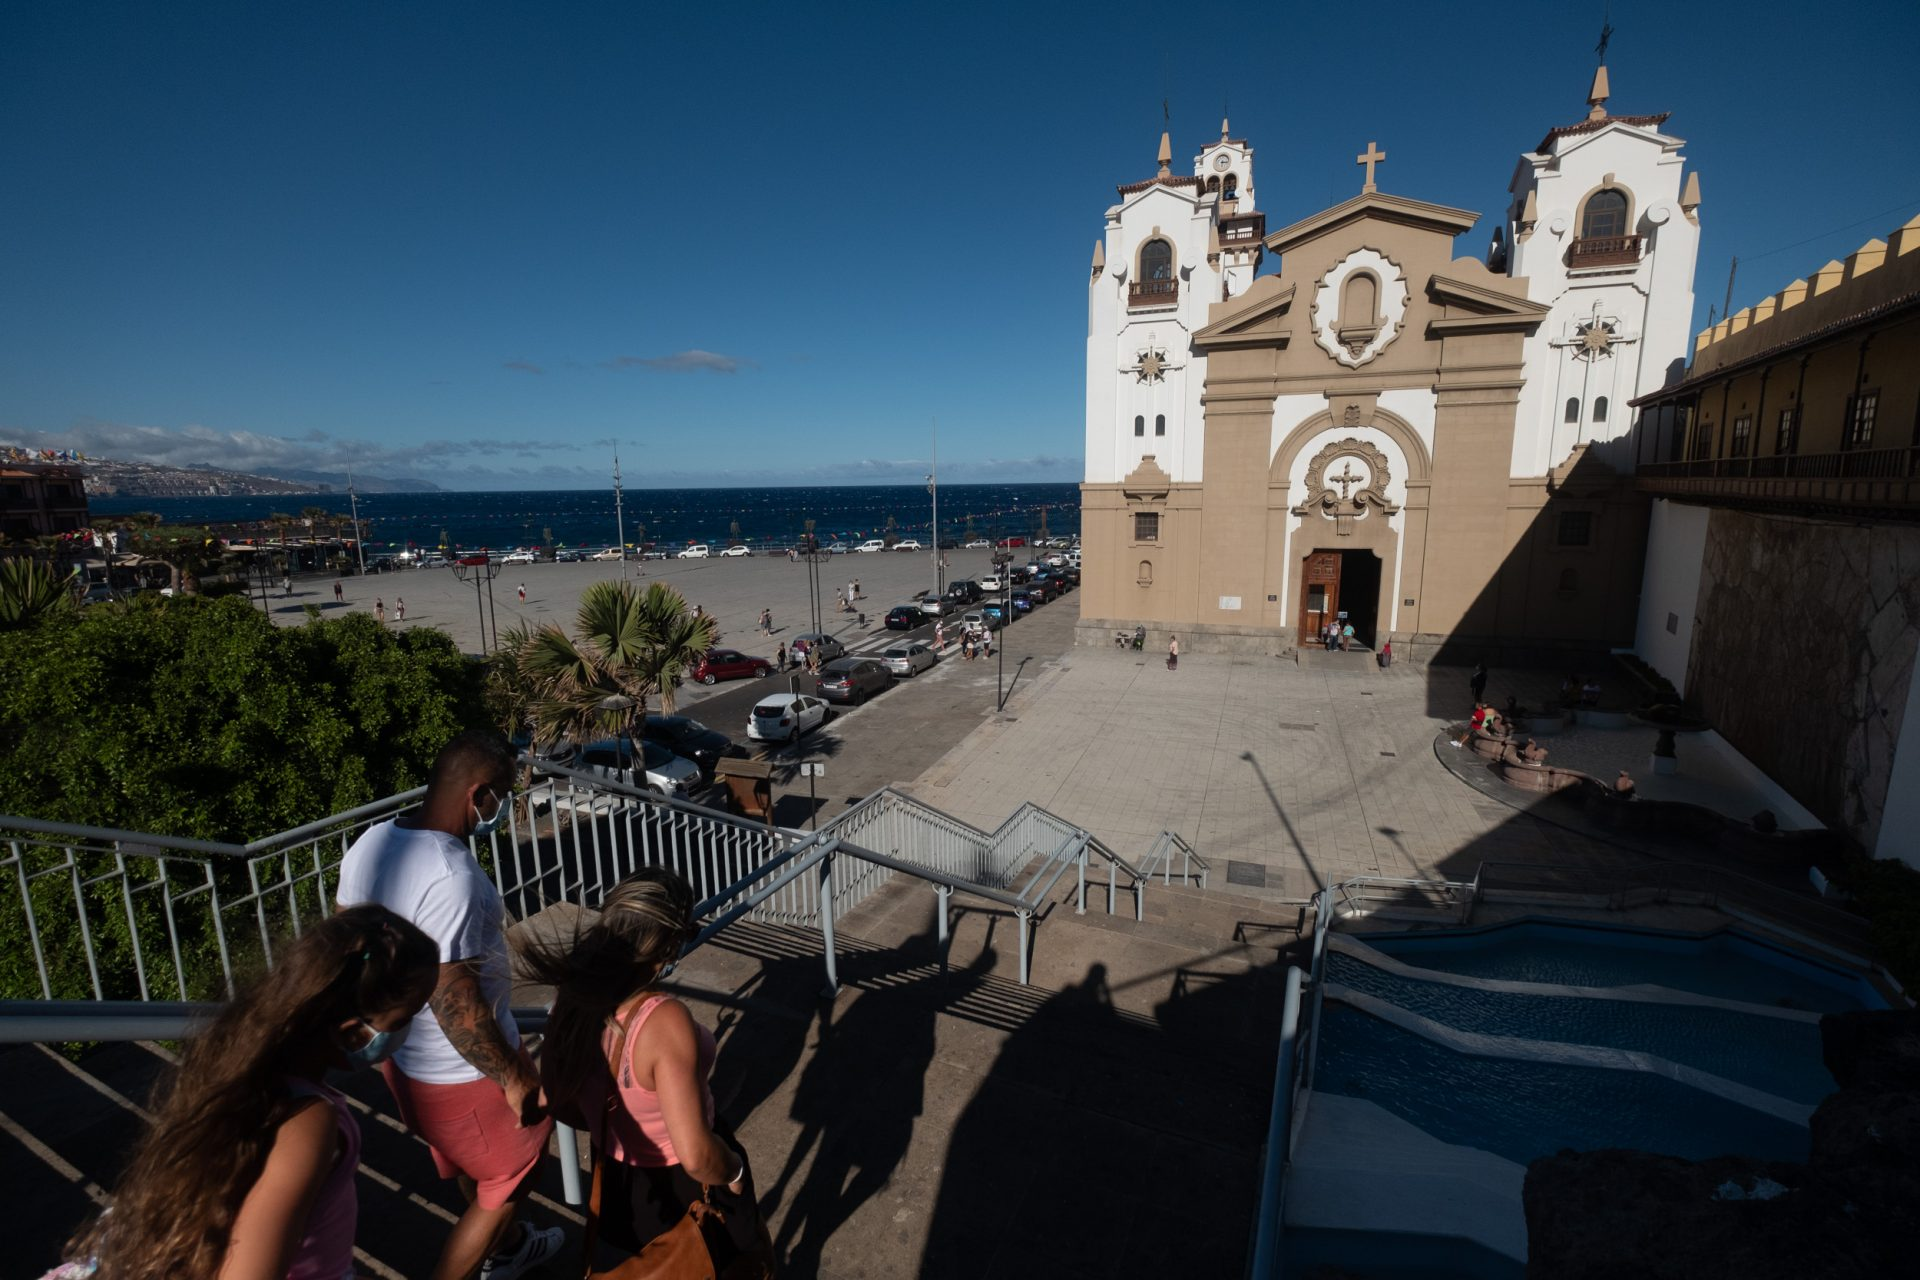 Todas las autoridades, miembros de la Iglesia y colectivos participantes del Día de la Patrona insisten en que los feligreses no peregrinen este año a Candelaria, que vivirá una fiesta atípica. FOTO: Fran Pallero